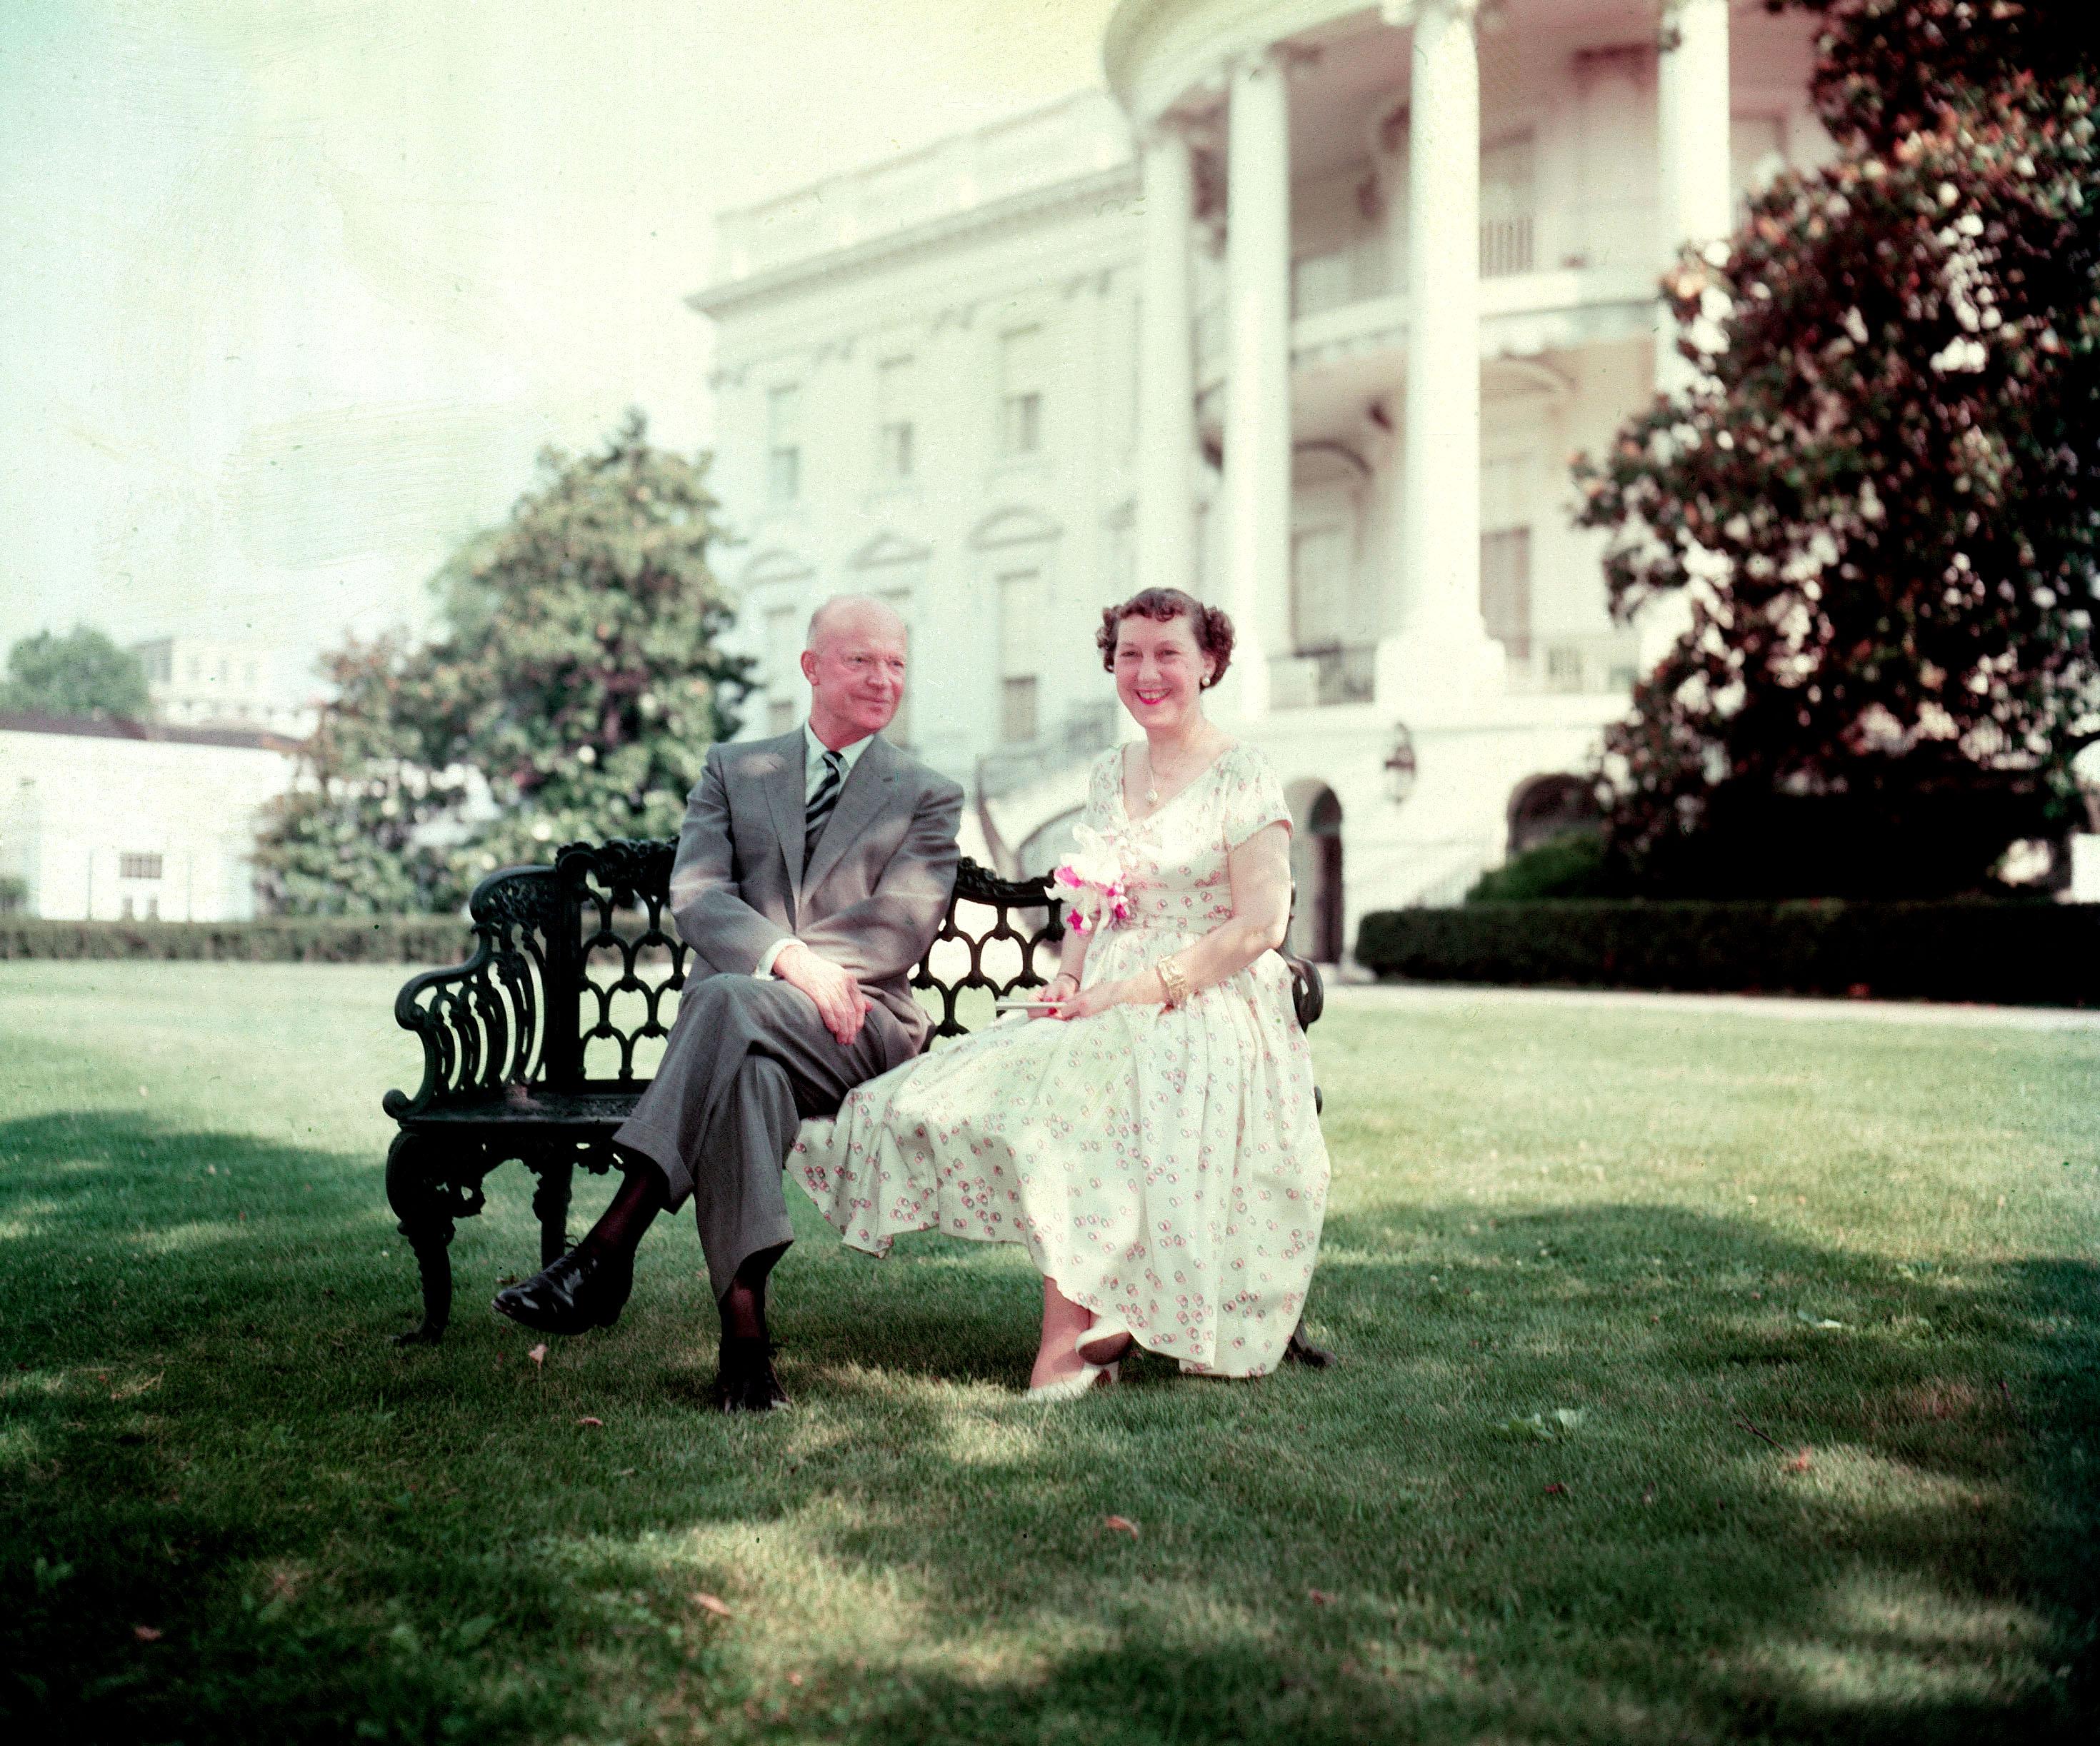 圖5:五星上將艾森豪(Dwight David Eisenhower)1954年與第一夫人於白宮草坪。